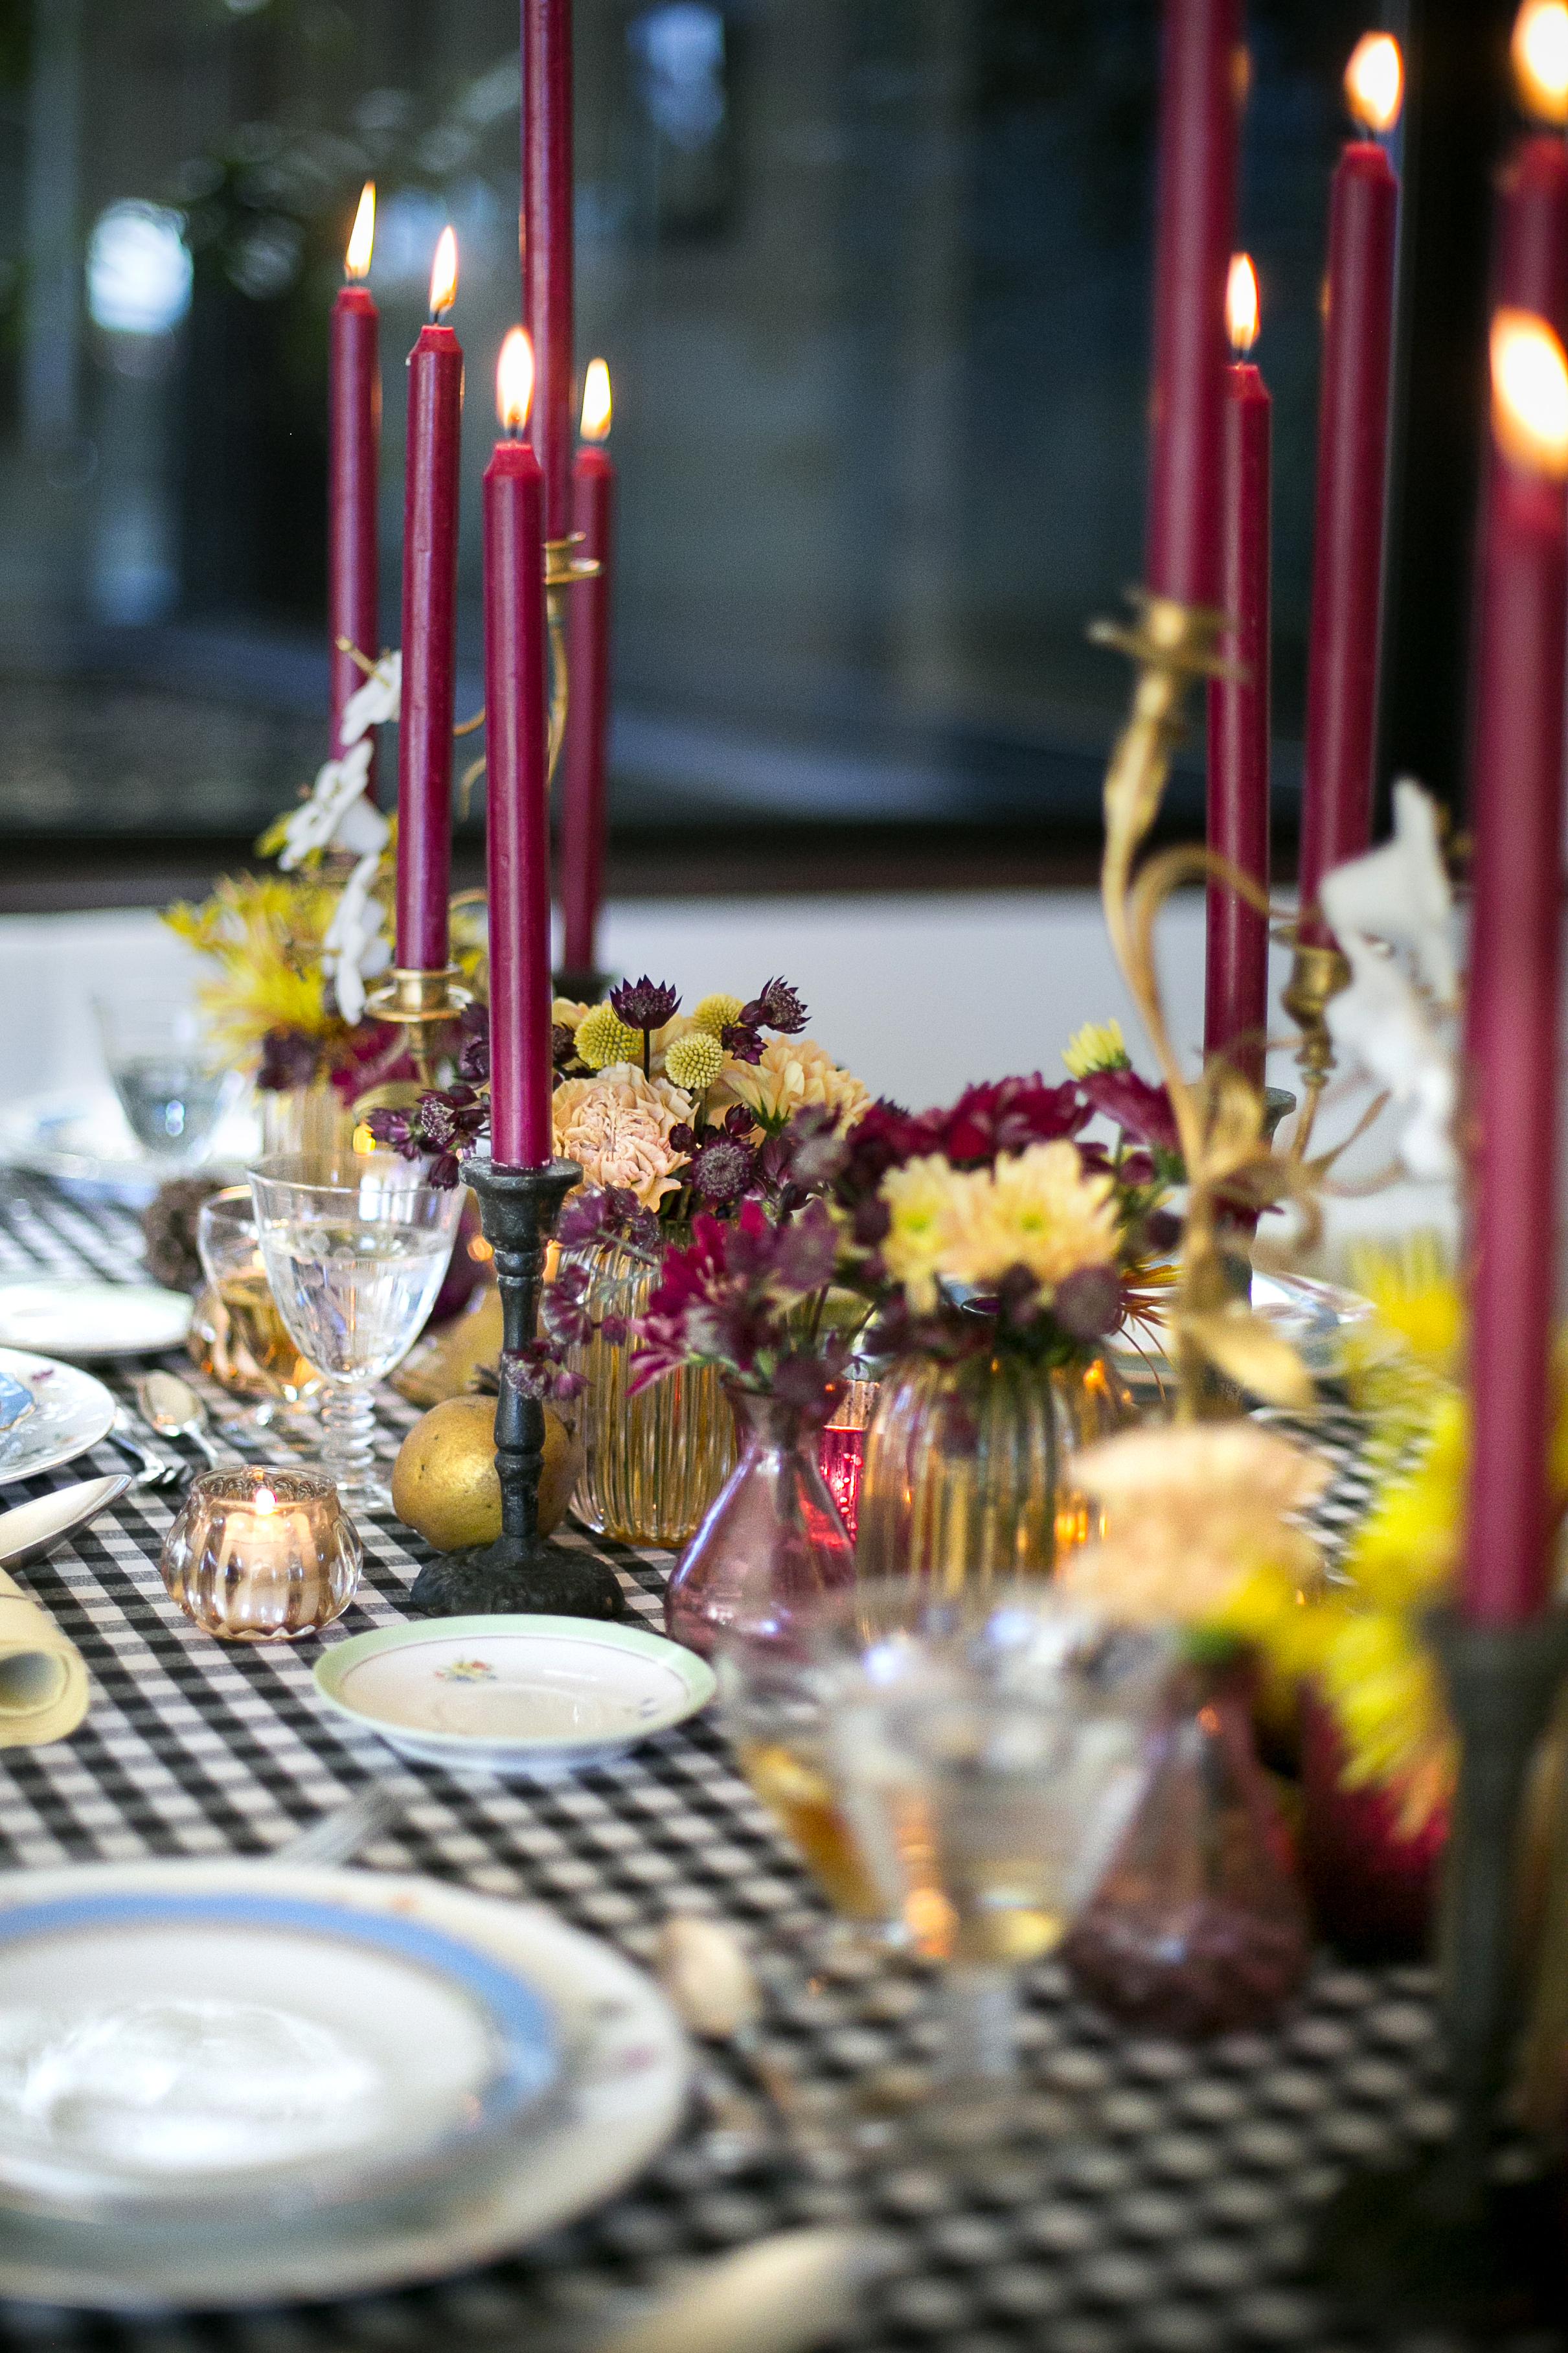 La cena y la mesa más bonita del año